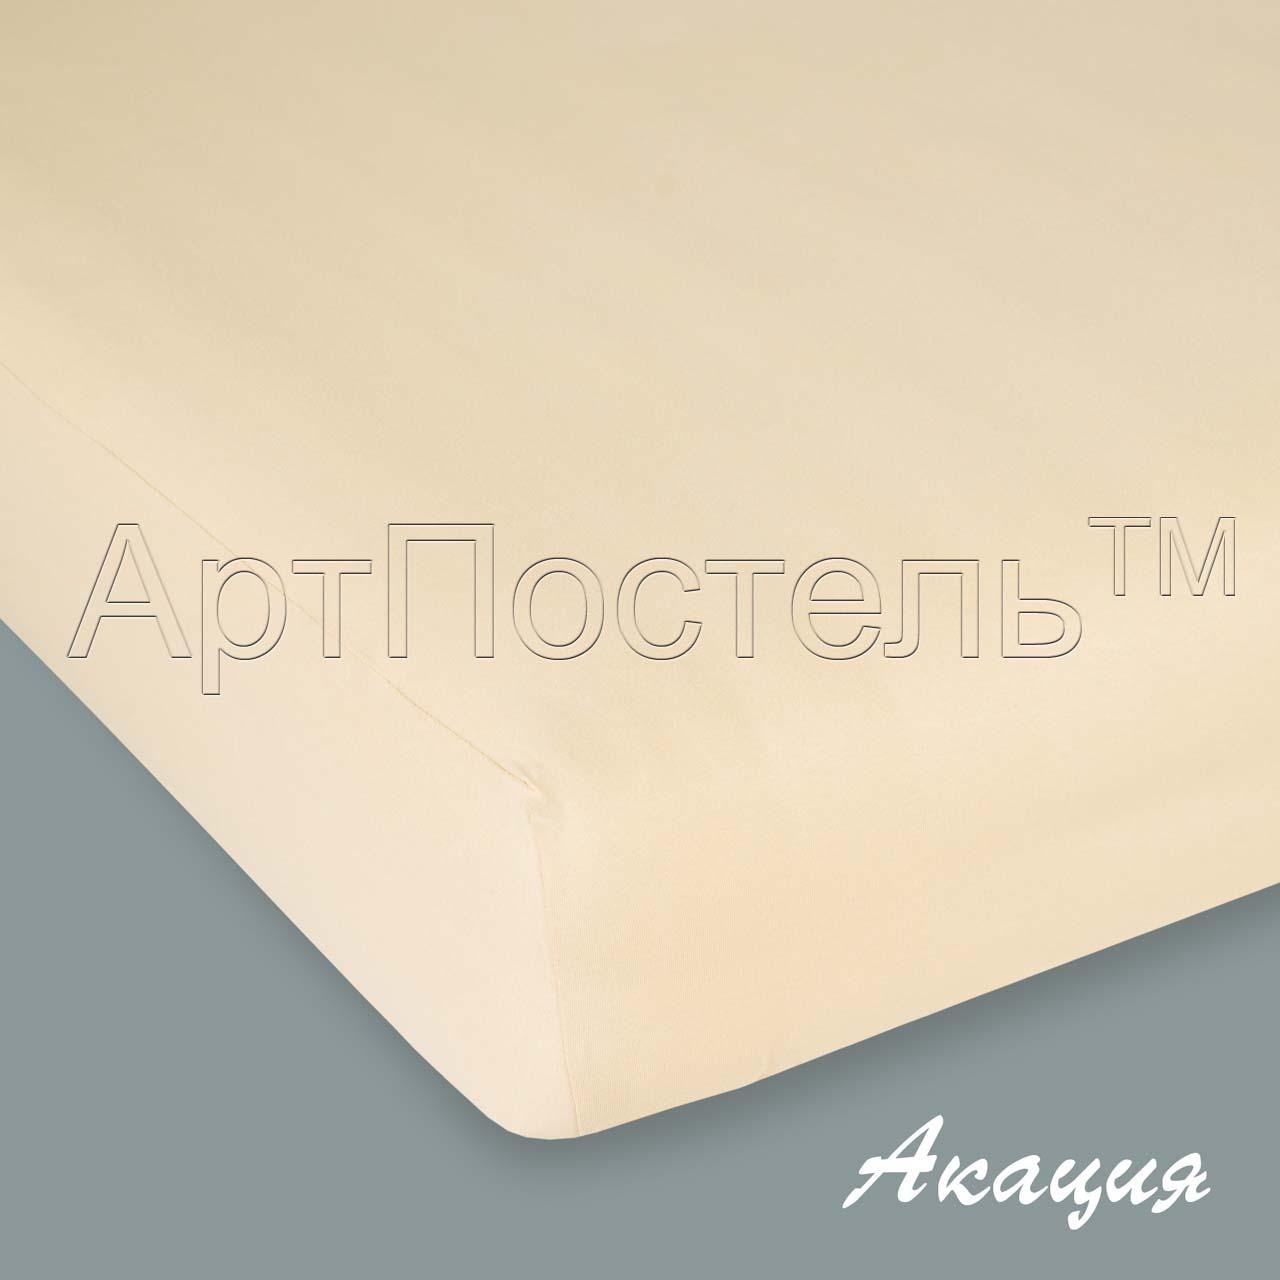 Простыня на резинке Акация, размер 140х200 смПростыни<br>Плотность ткани:145 г/кв. м<br>Высота матраса:20 см<br><br>Тип: Простыня<br>Размер: 140х200<br>Материал: Кулирка